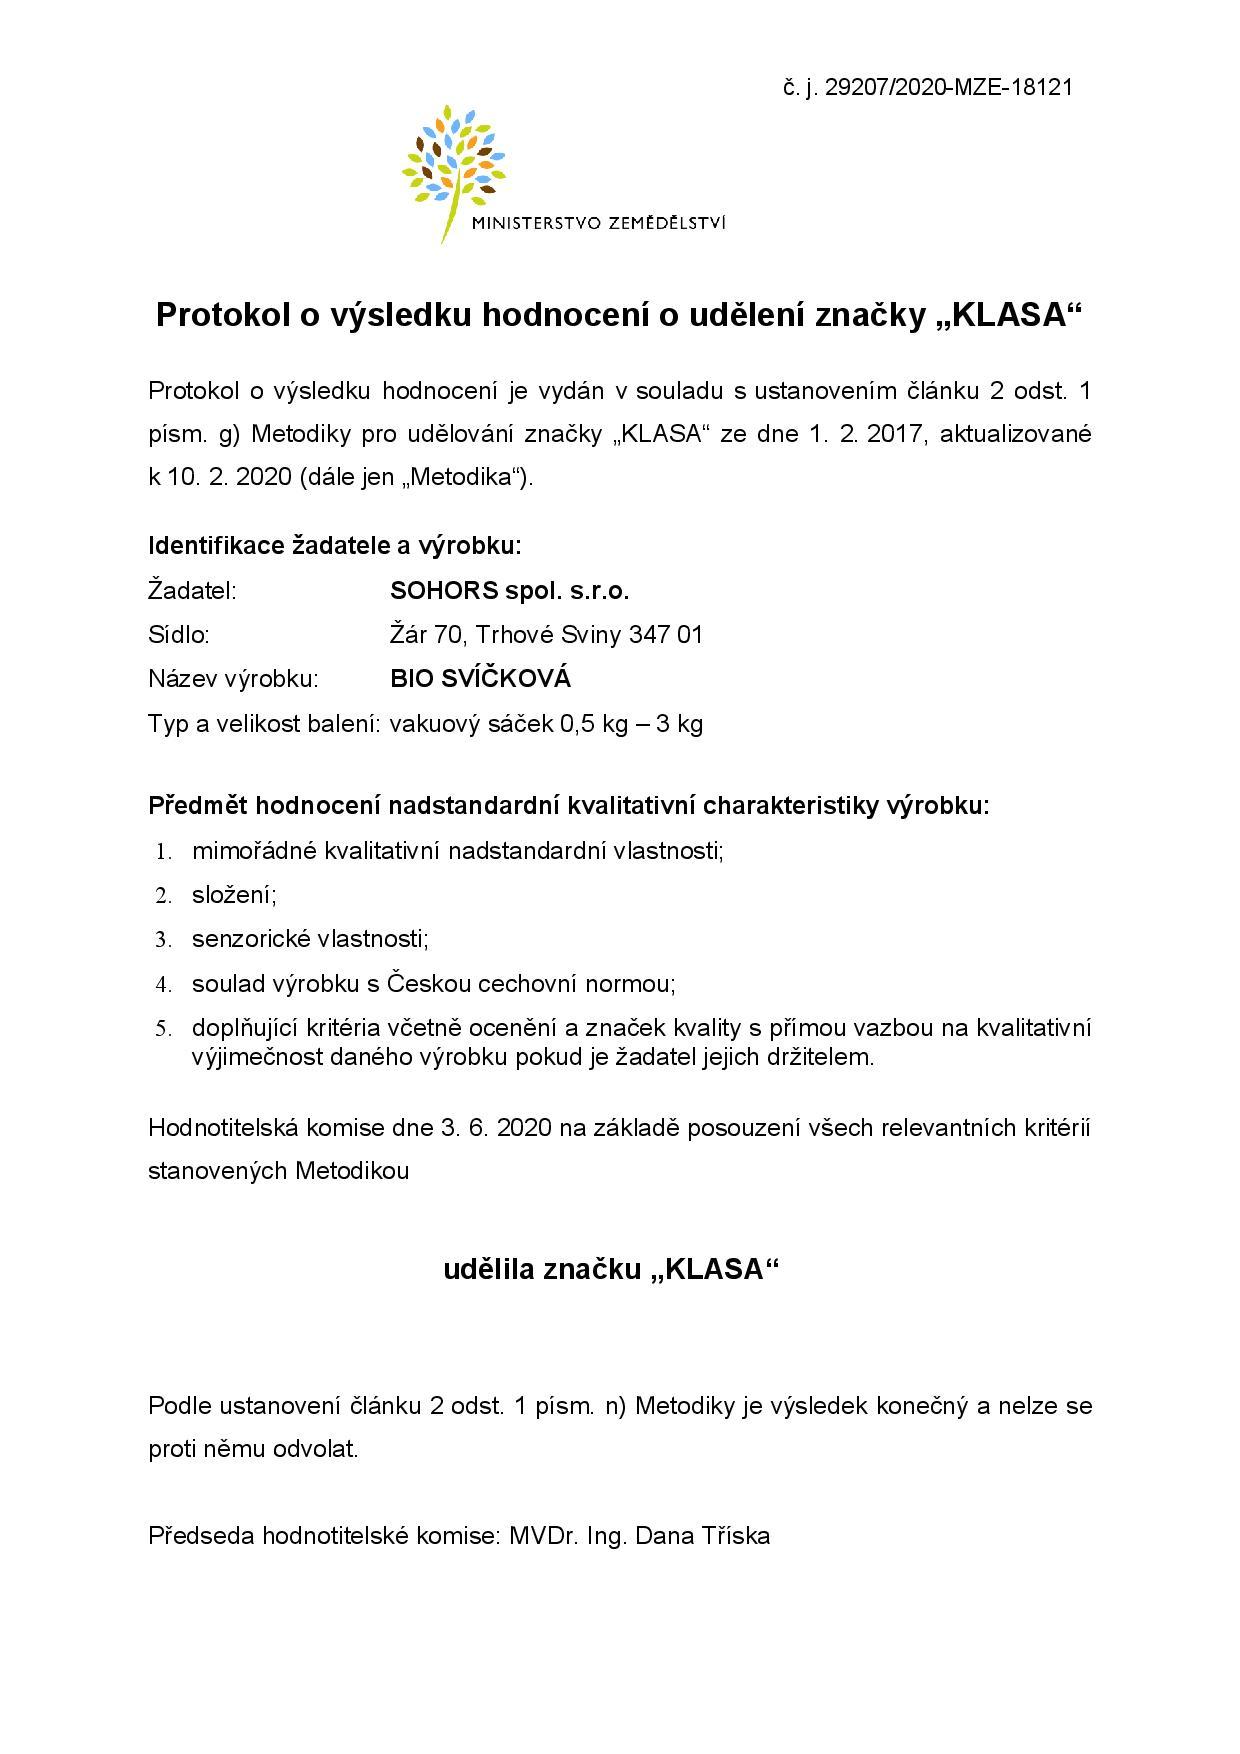 7_SOHORS_BIO_svickova